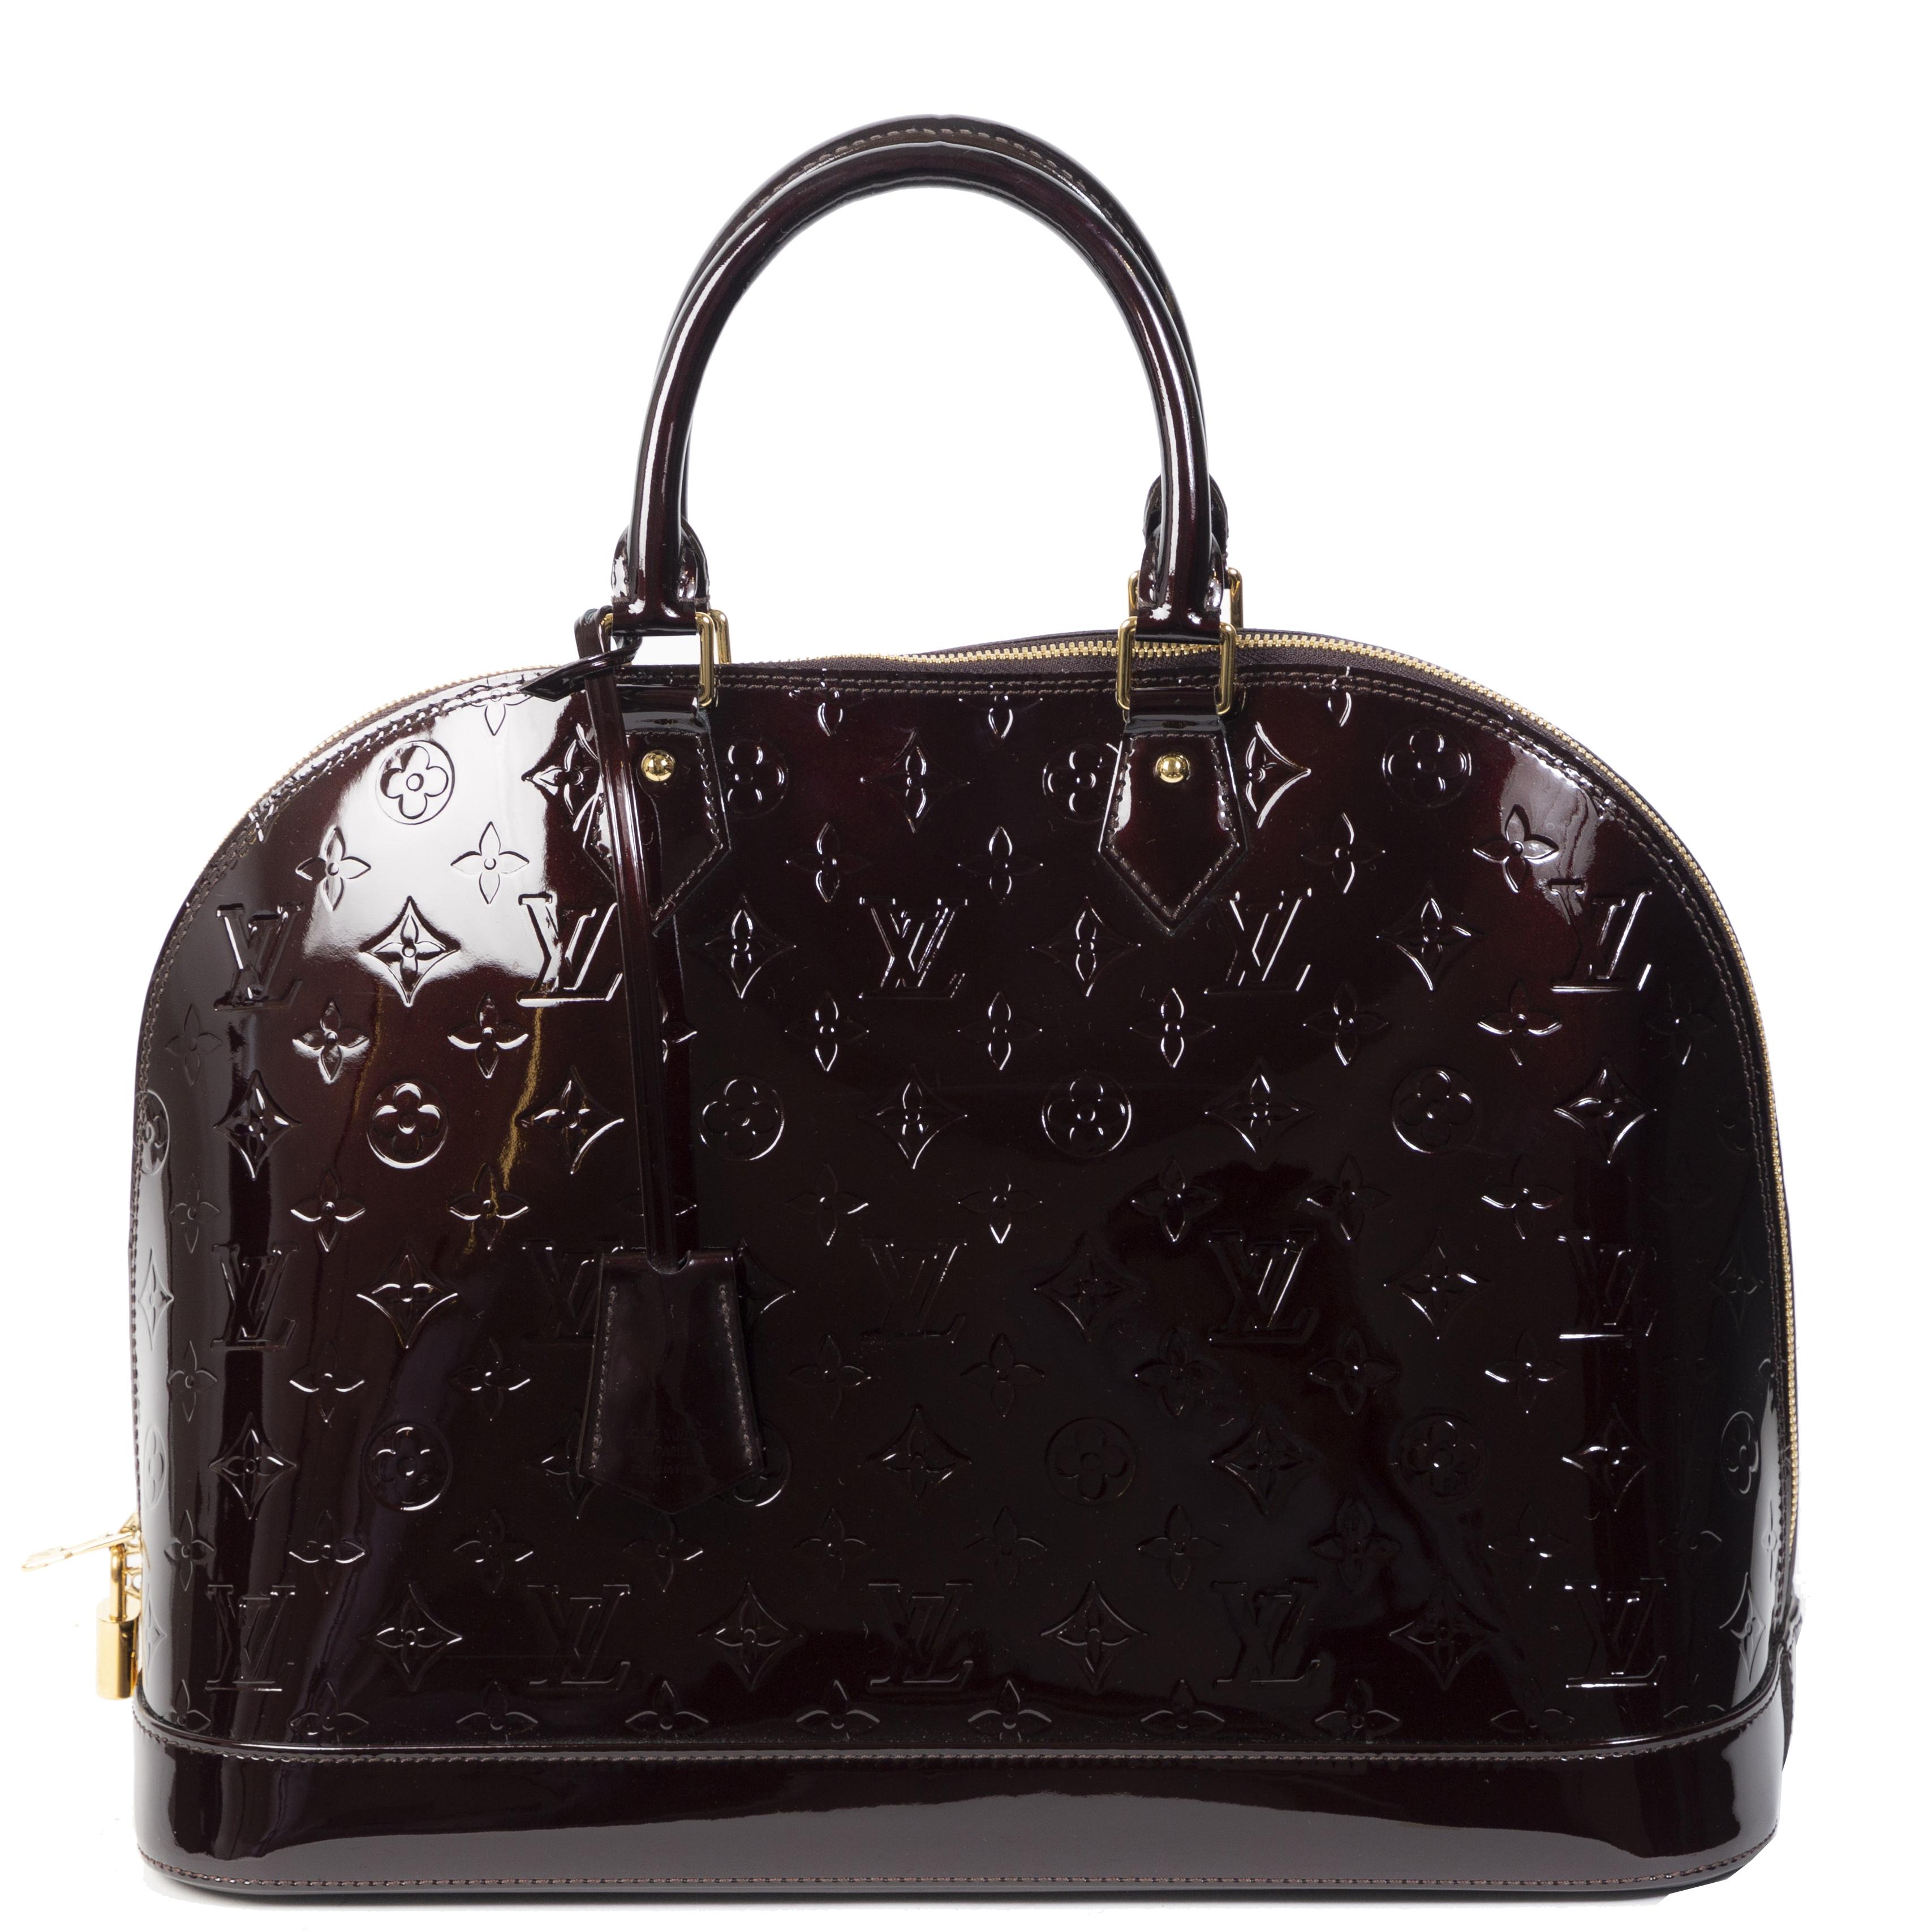 Authentieke Tweedehands Louis Vuitton Amarante Alma Monogram Vernis GM Bag juiste prijs veilig online shoppen luxe merken webshop winkelen Antwerpen België mode fashion